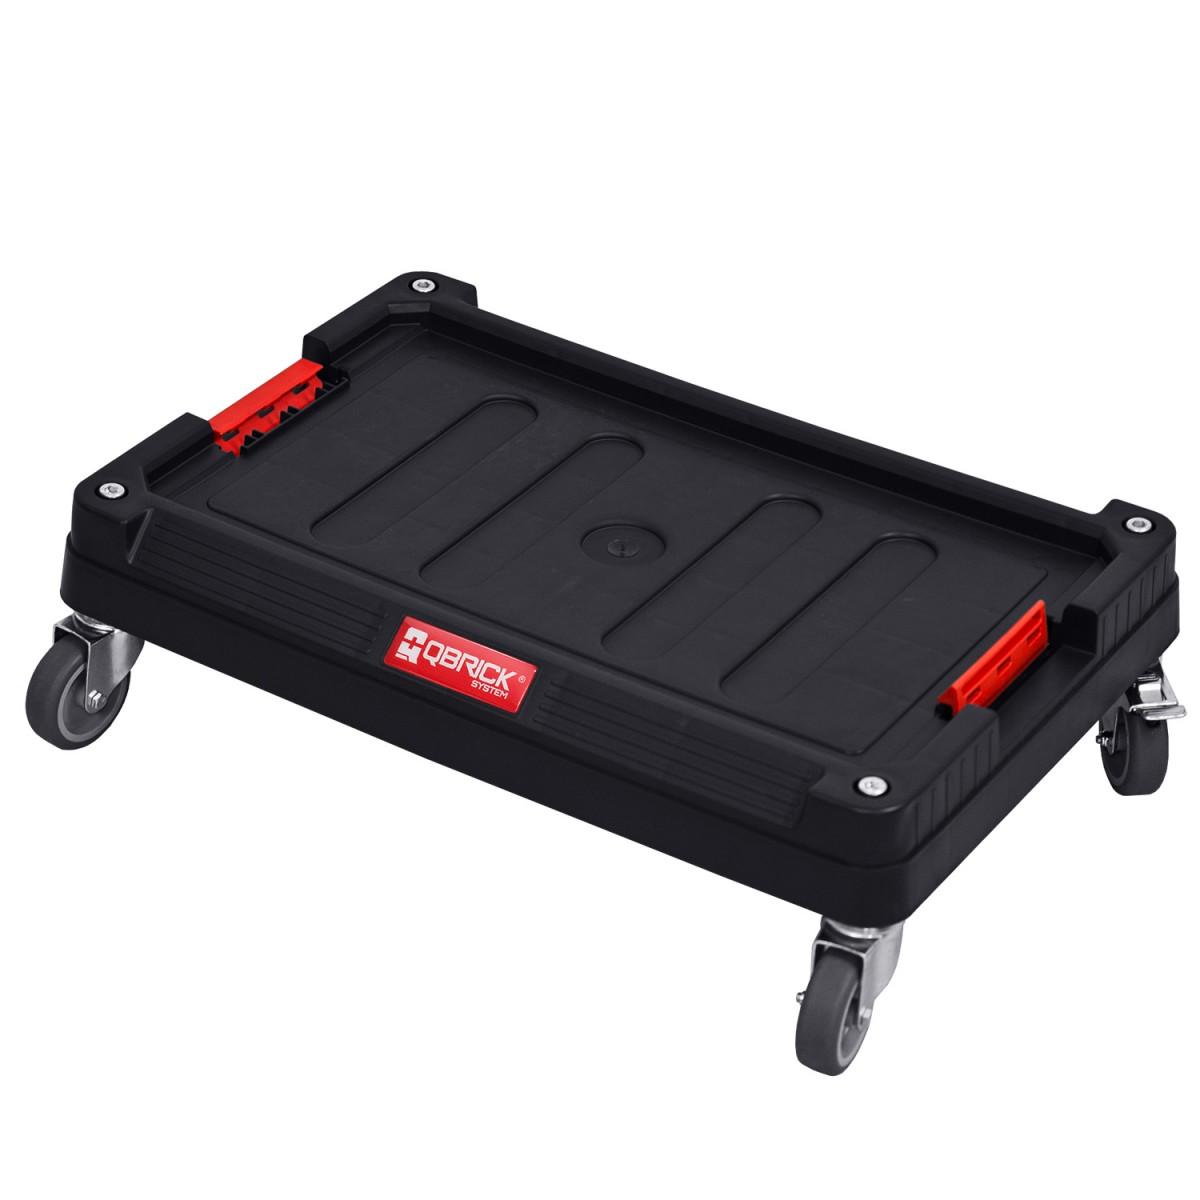 Kolečka-podvozek pro kufry na nářadí Modul QBRICK® System TWO Platform Transport